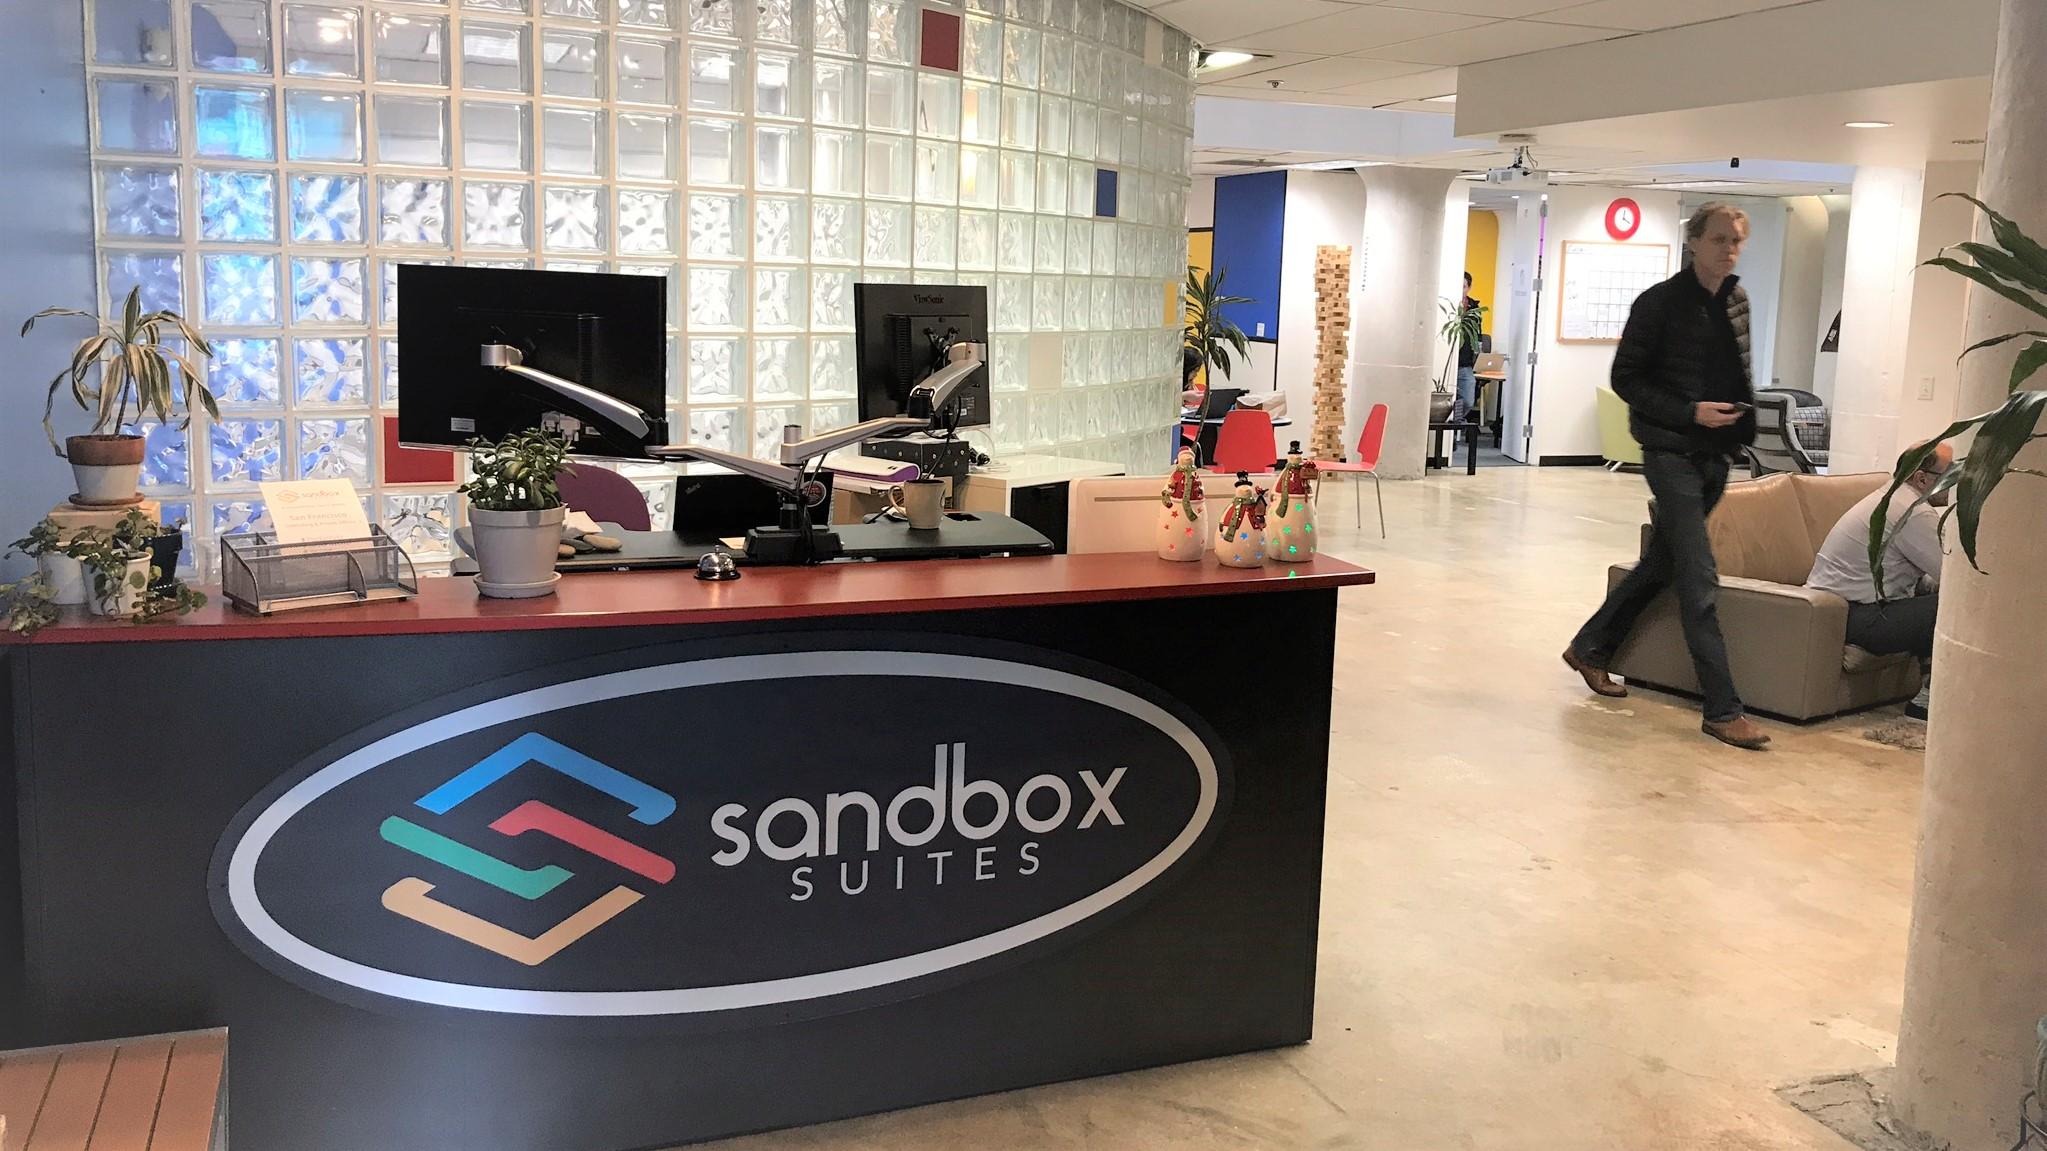 Sandbox Suites - South Park, San Francisco